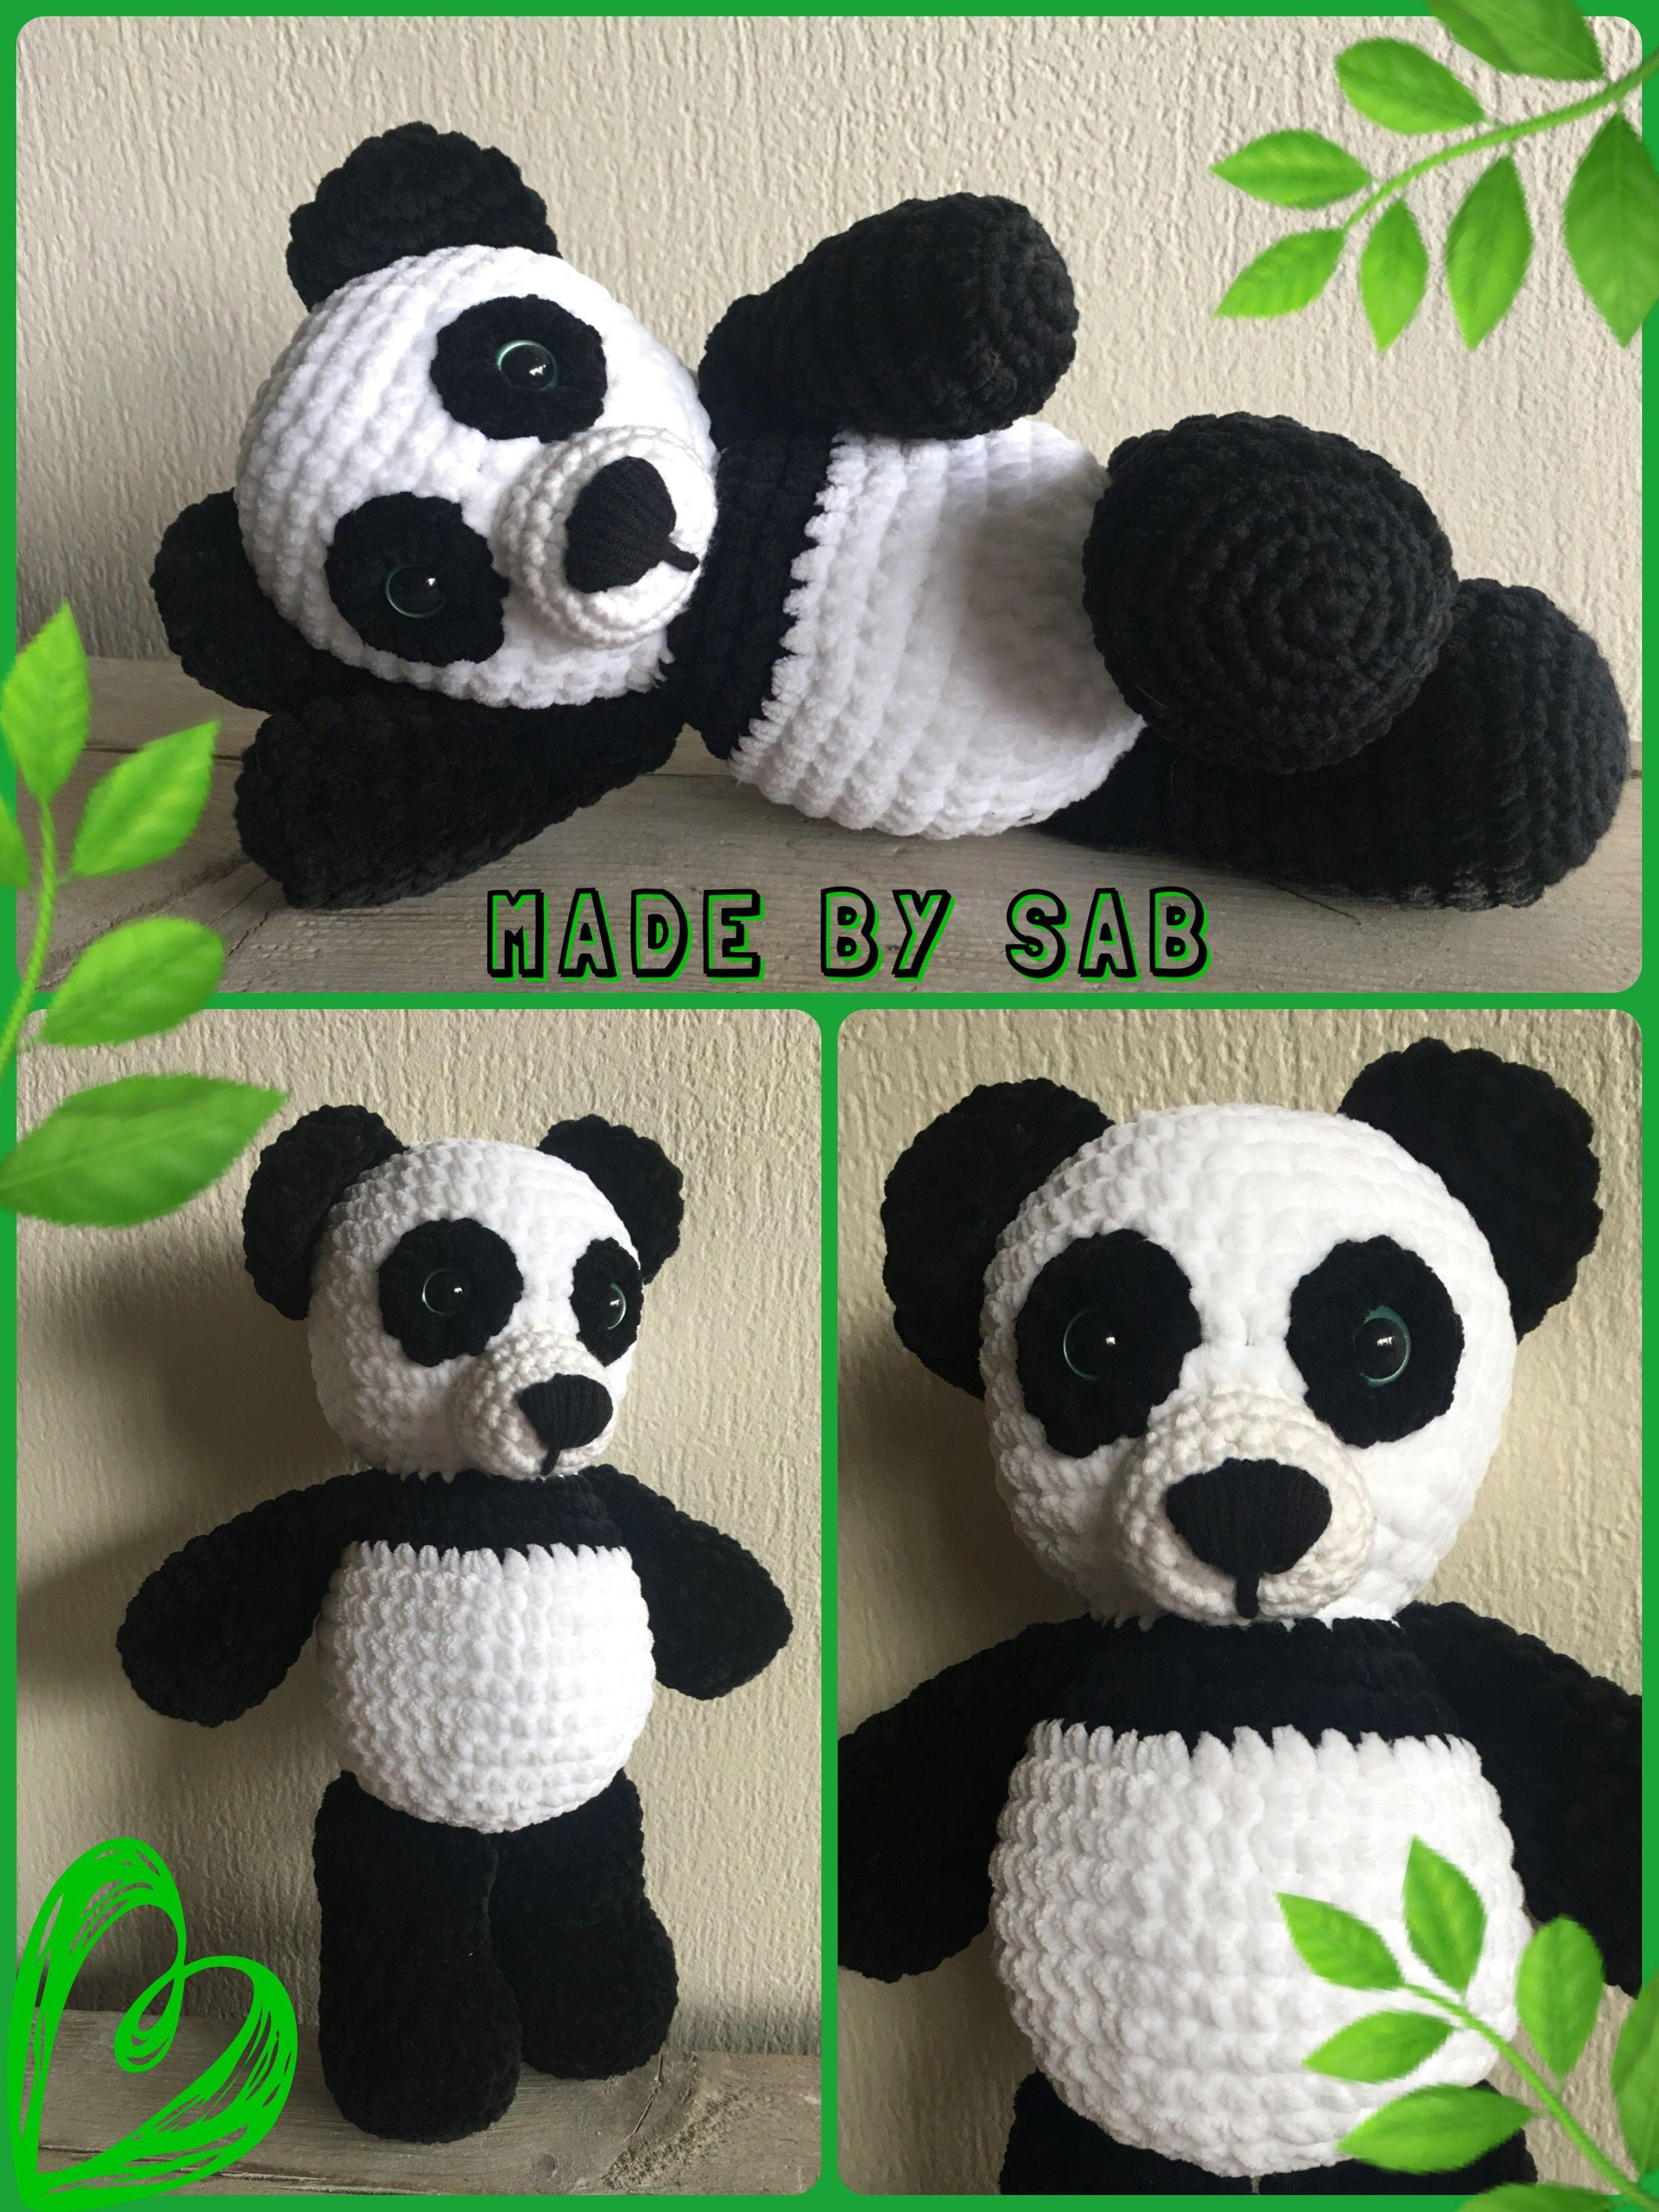 Panda Beer Patroon Van Eskimobeertje Silla Van Marrôt Design Met